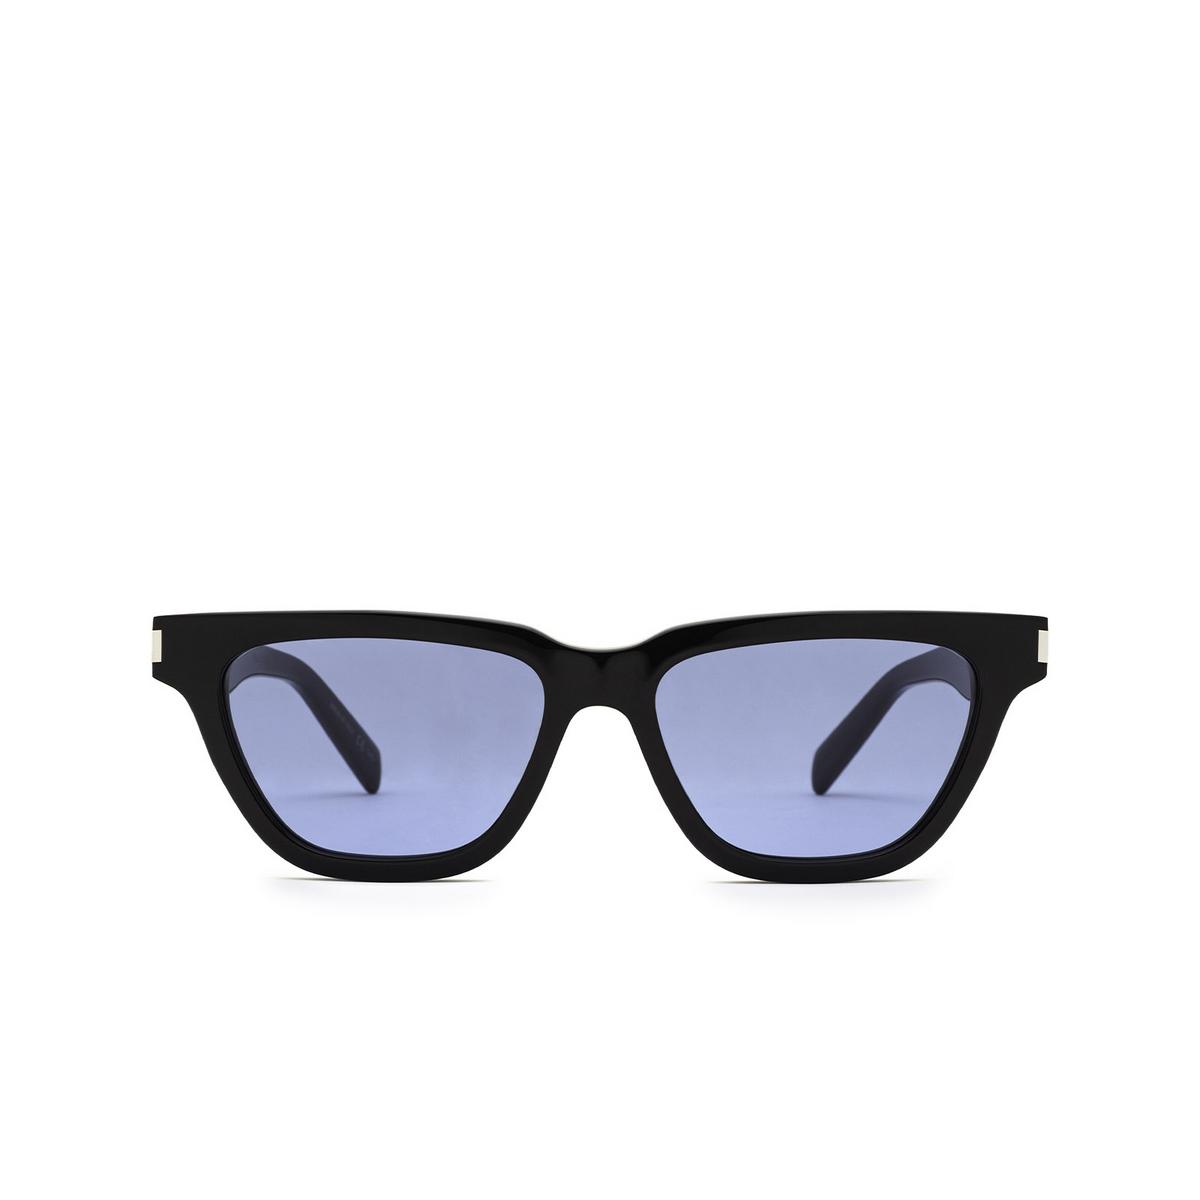 Saint Laurent® Cat-eye Sunglasses: Sulpice SL 462 color Black 010 - front view.